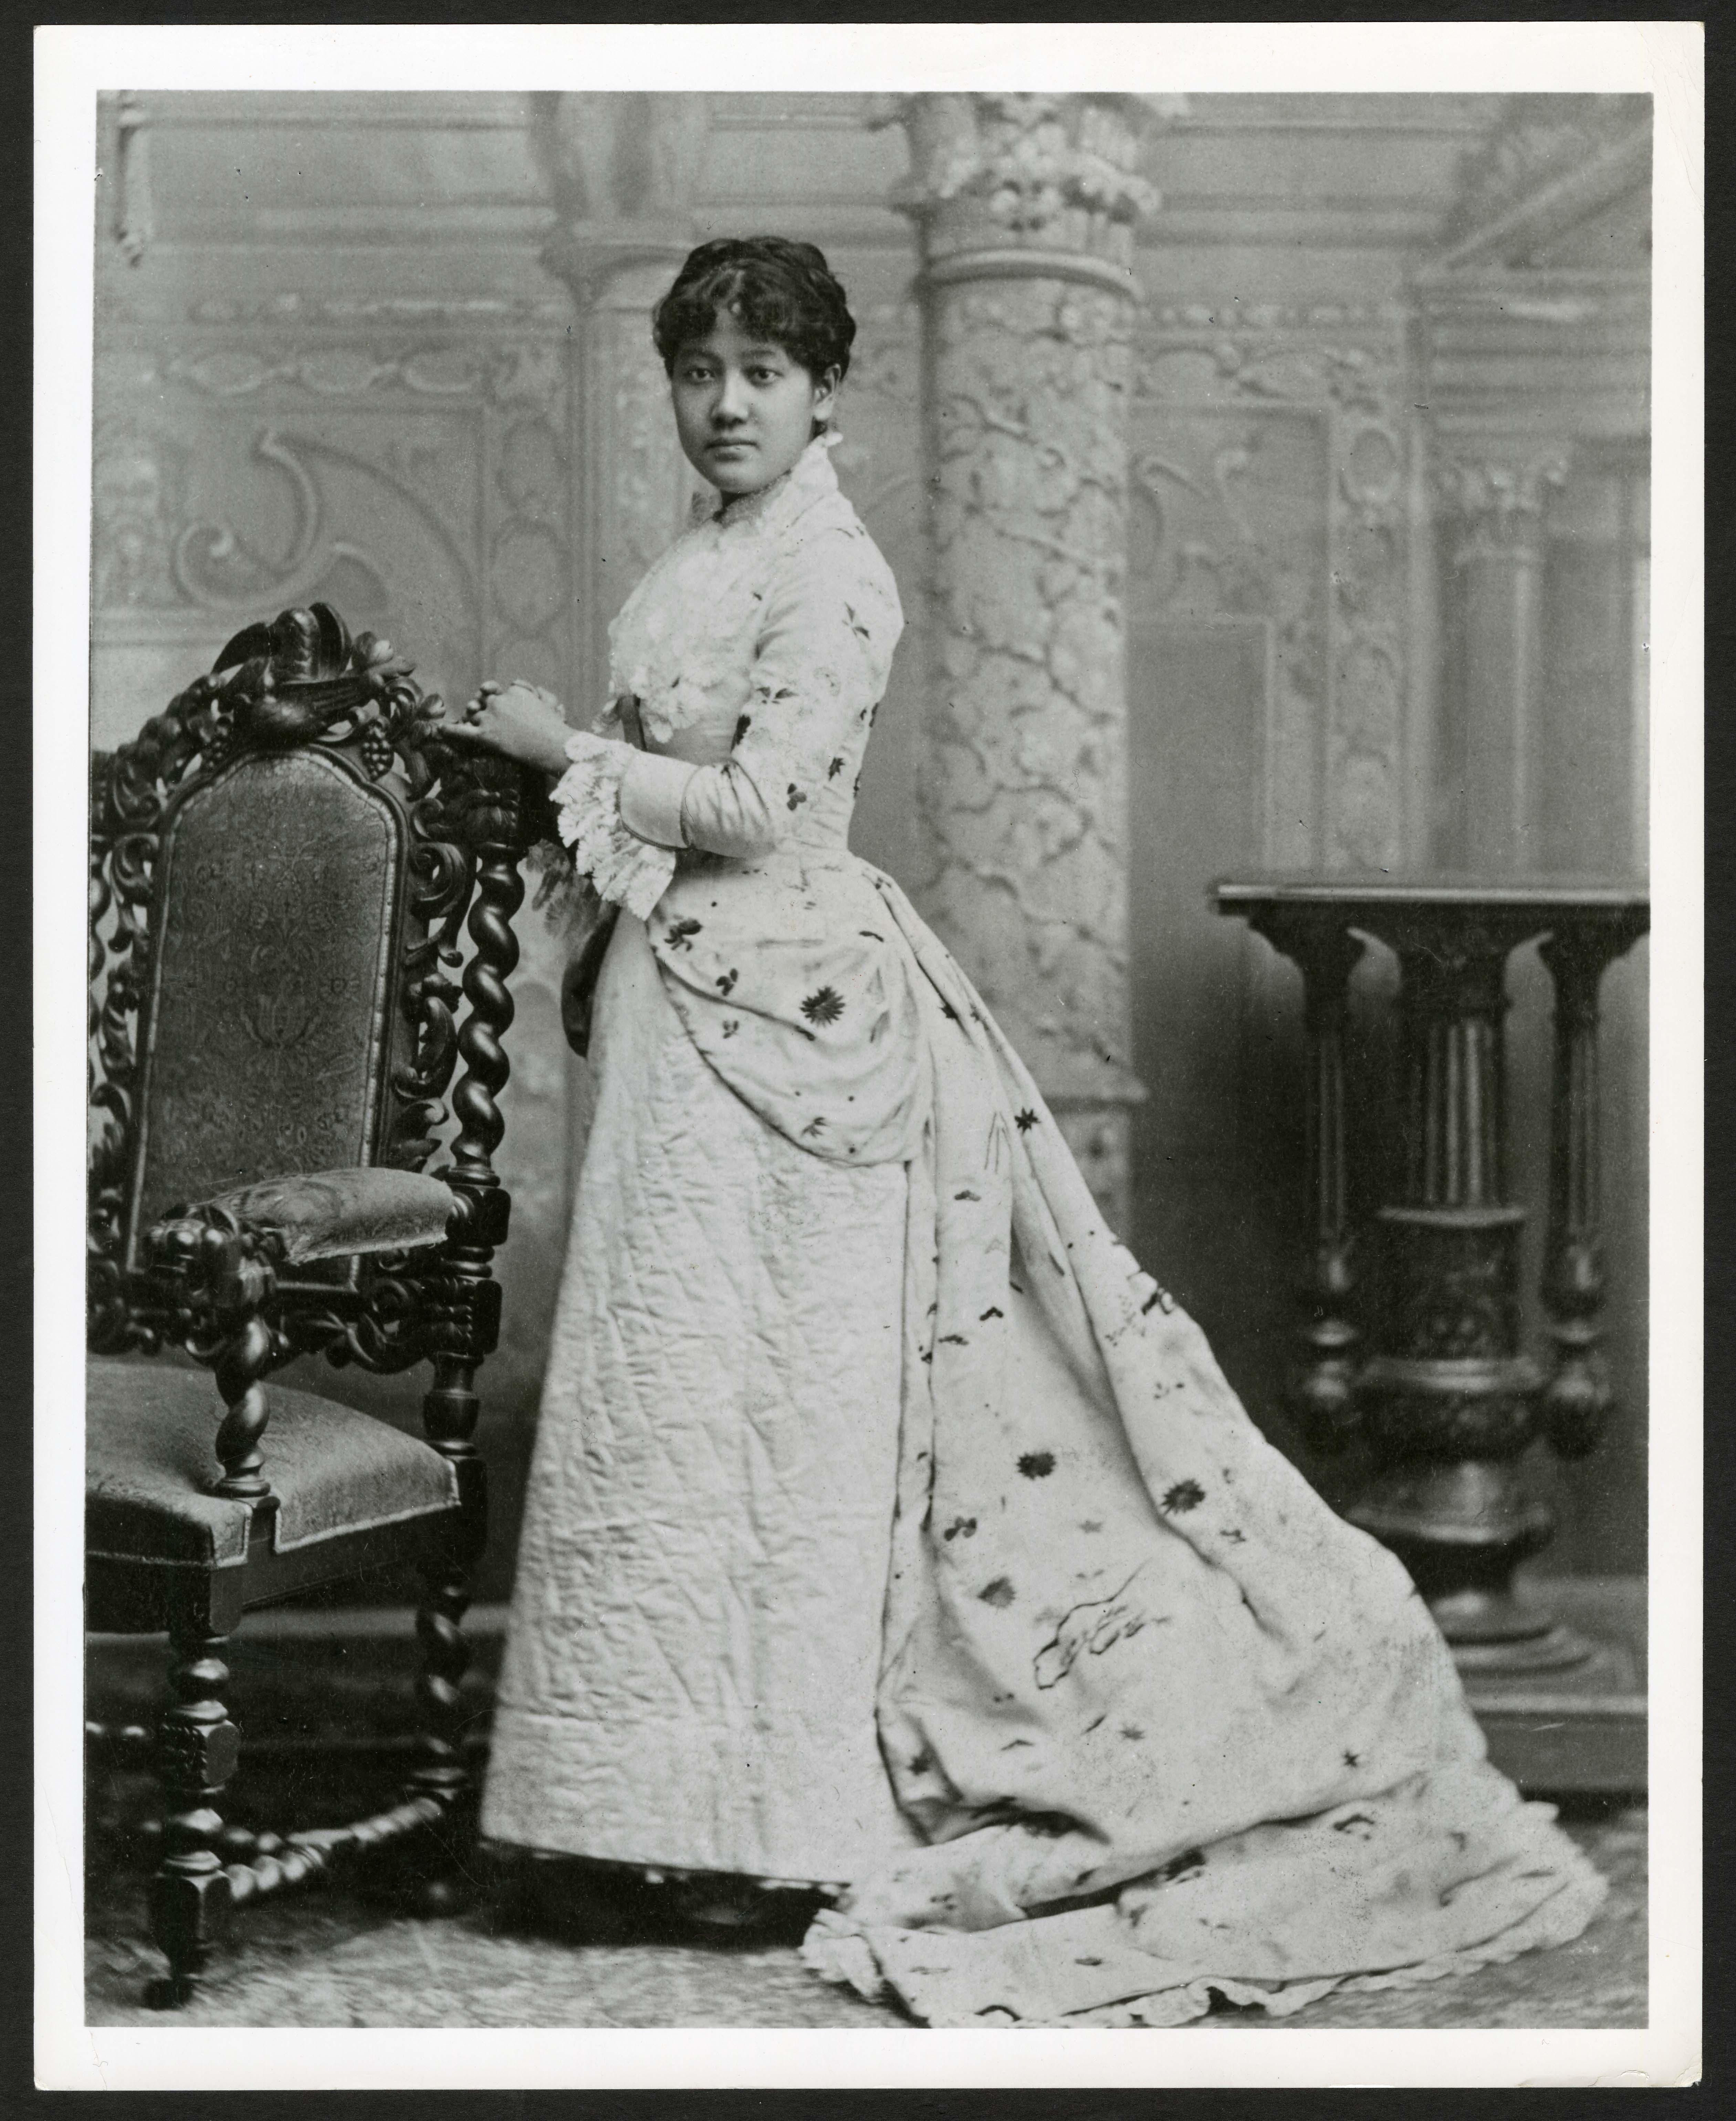 B & W portrait of Stematz Yamakawa standing, wearing a long dress.